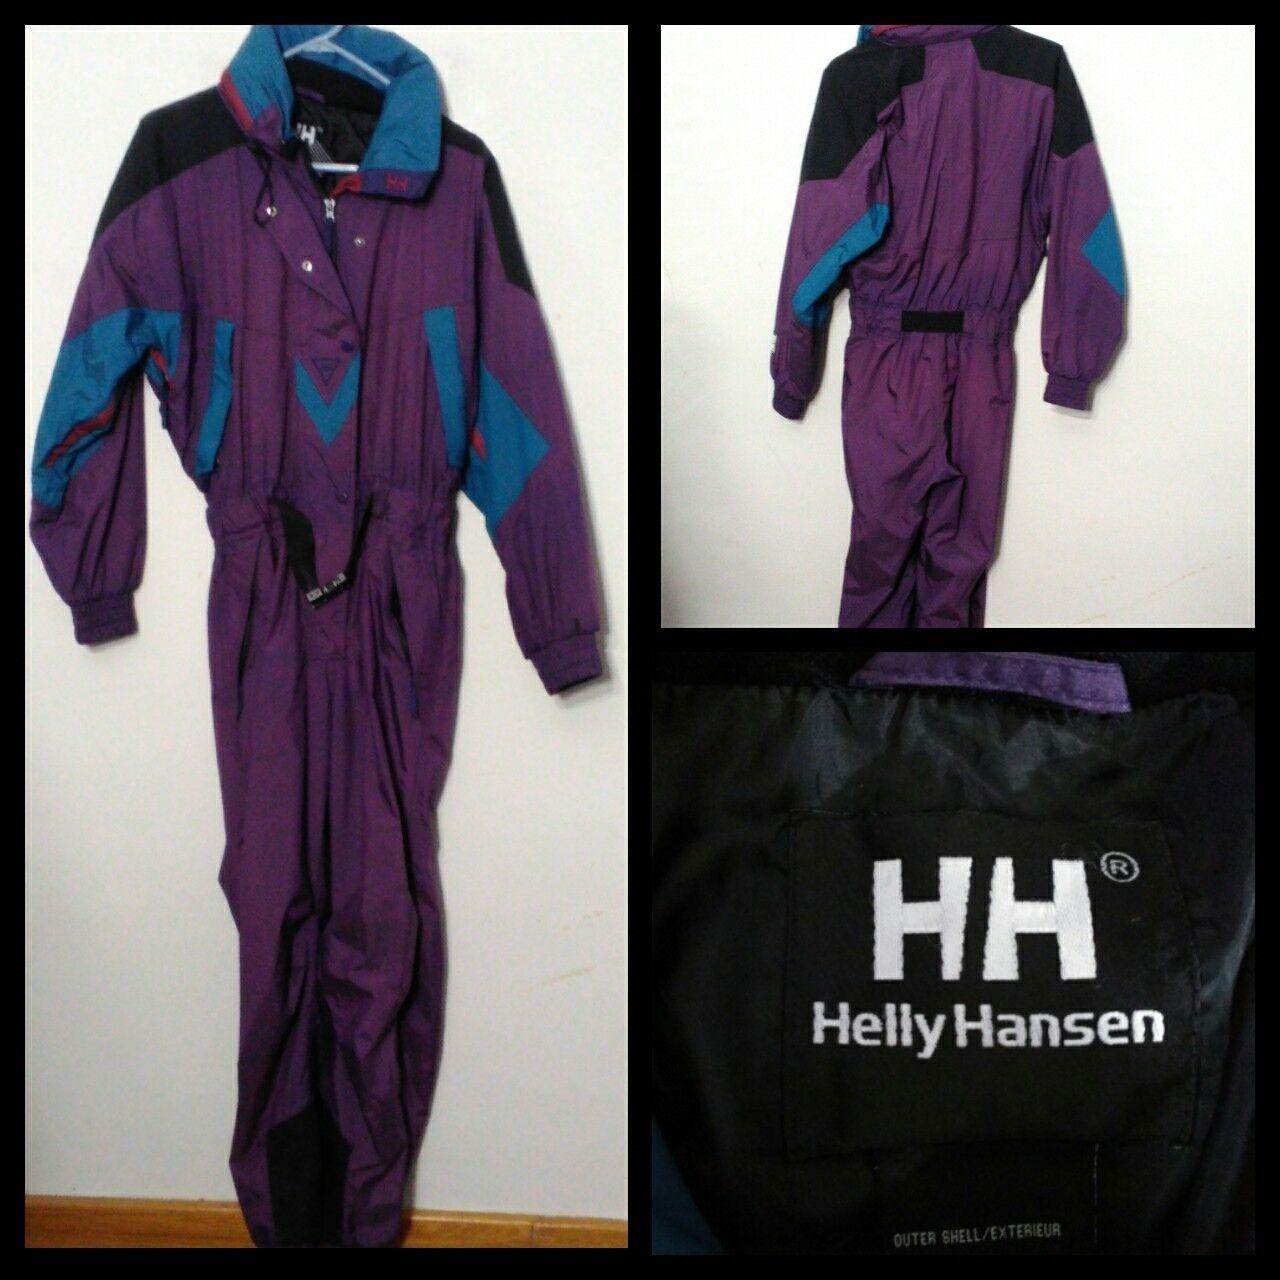 Helly Hansen Vintage Skianzug Outfit Damen Sm. Lila/Blau Voll Ski Outfit Skianzug Inv  S9279 3863e4